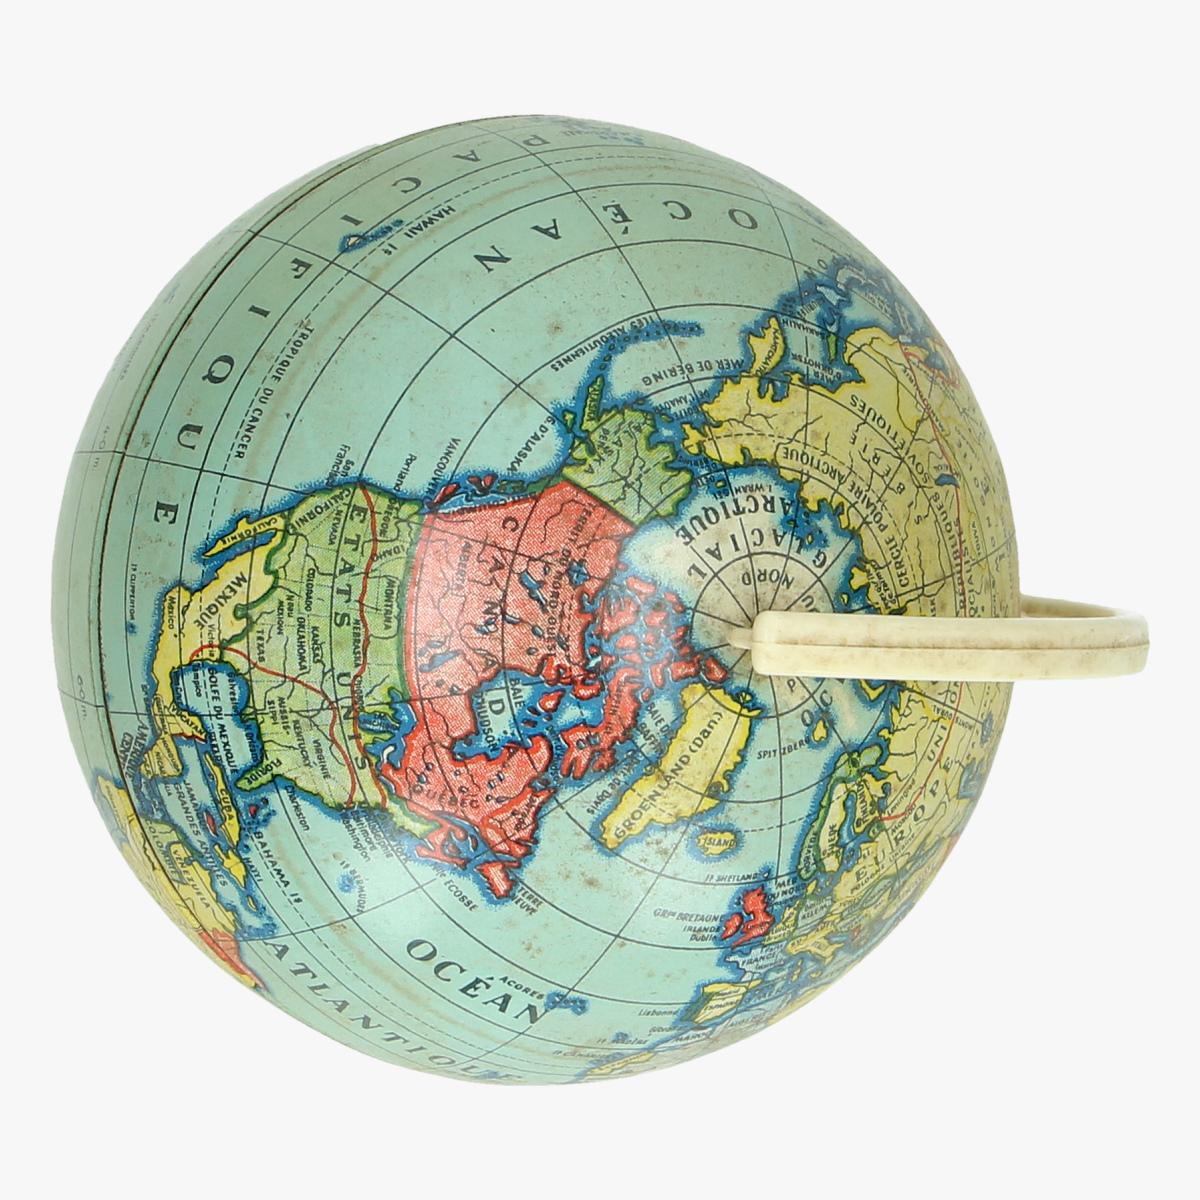 Afbeeldingen van wereldbol op plastieke voet